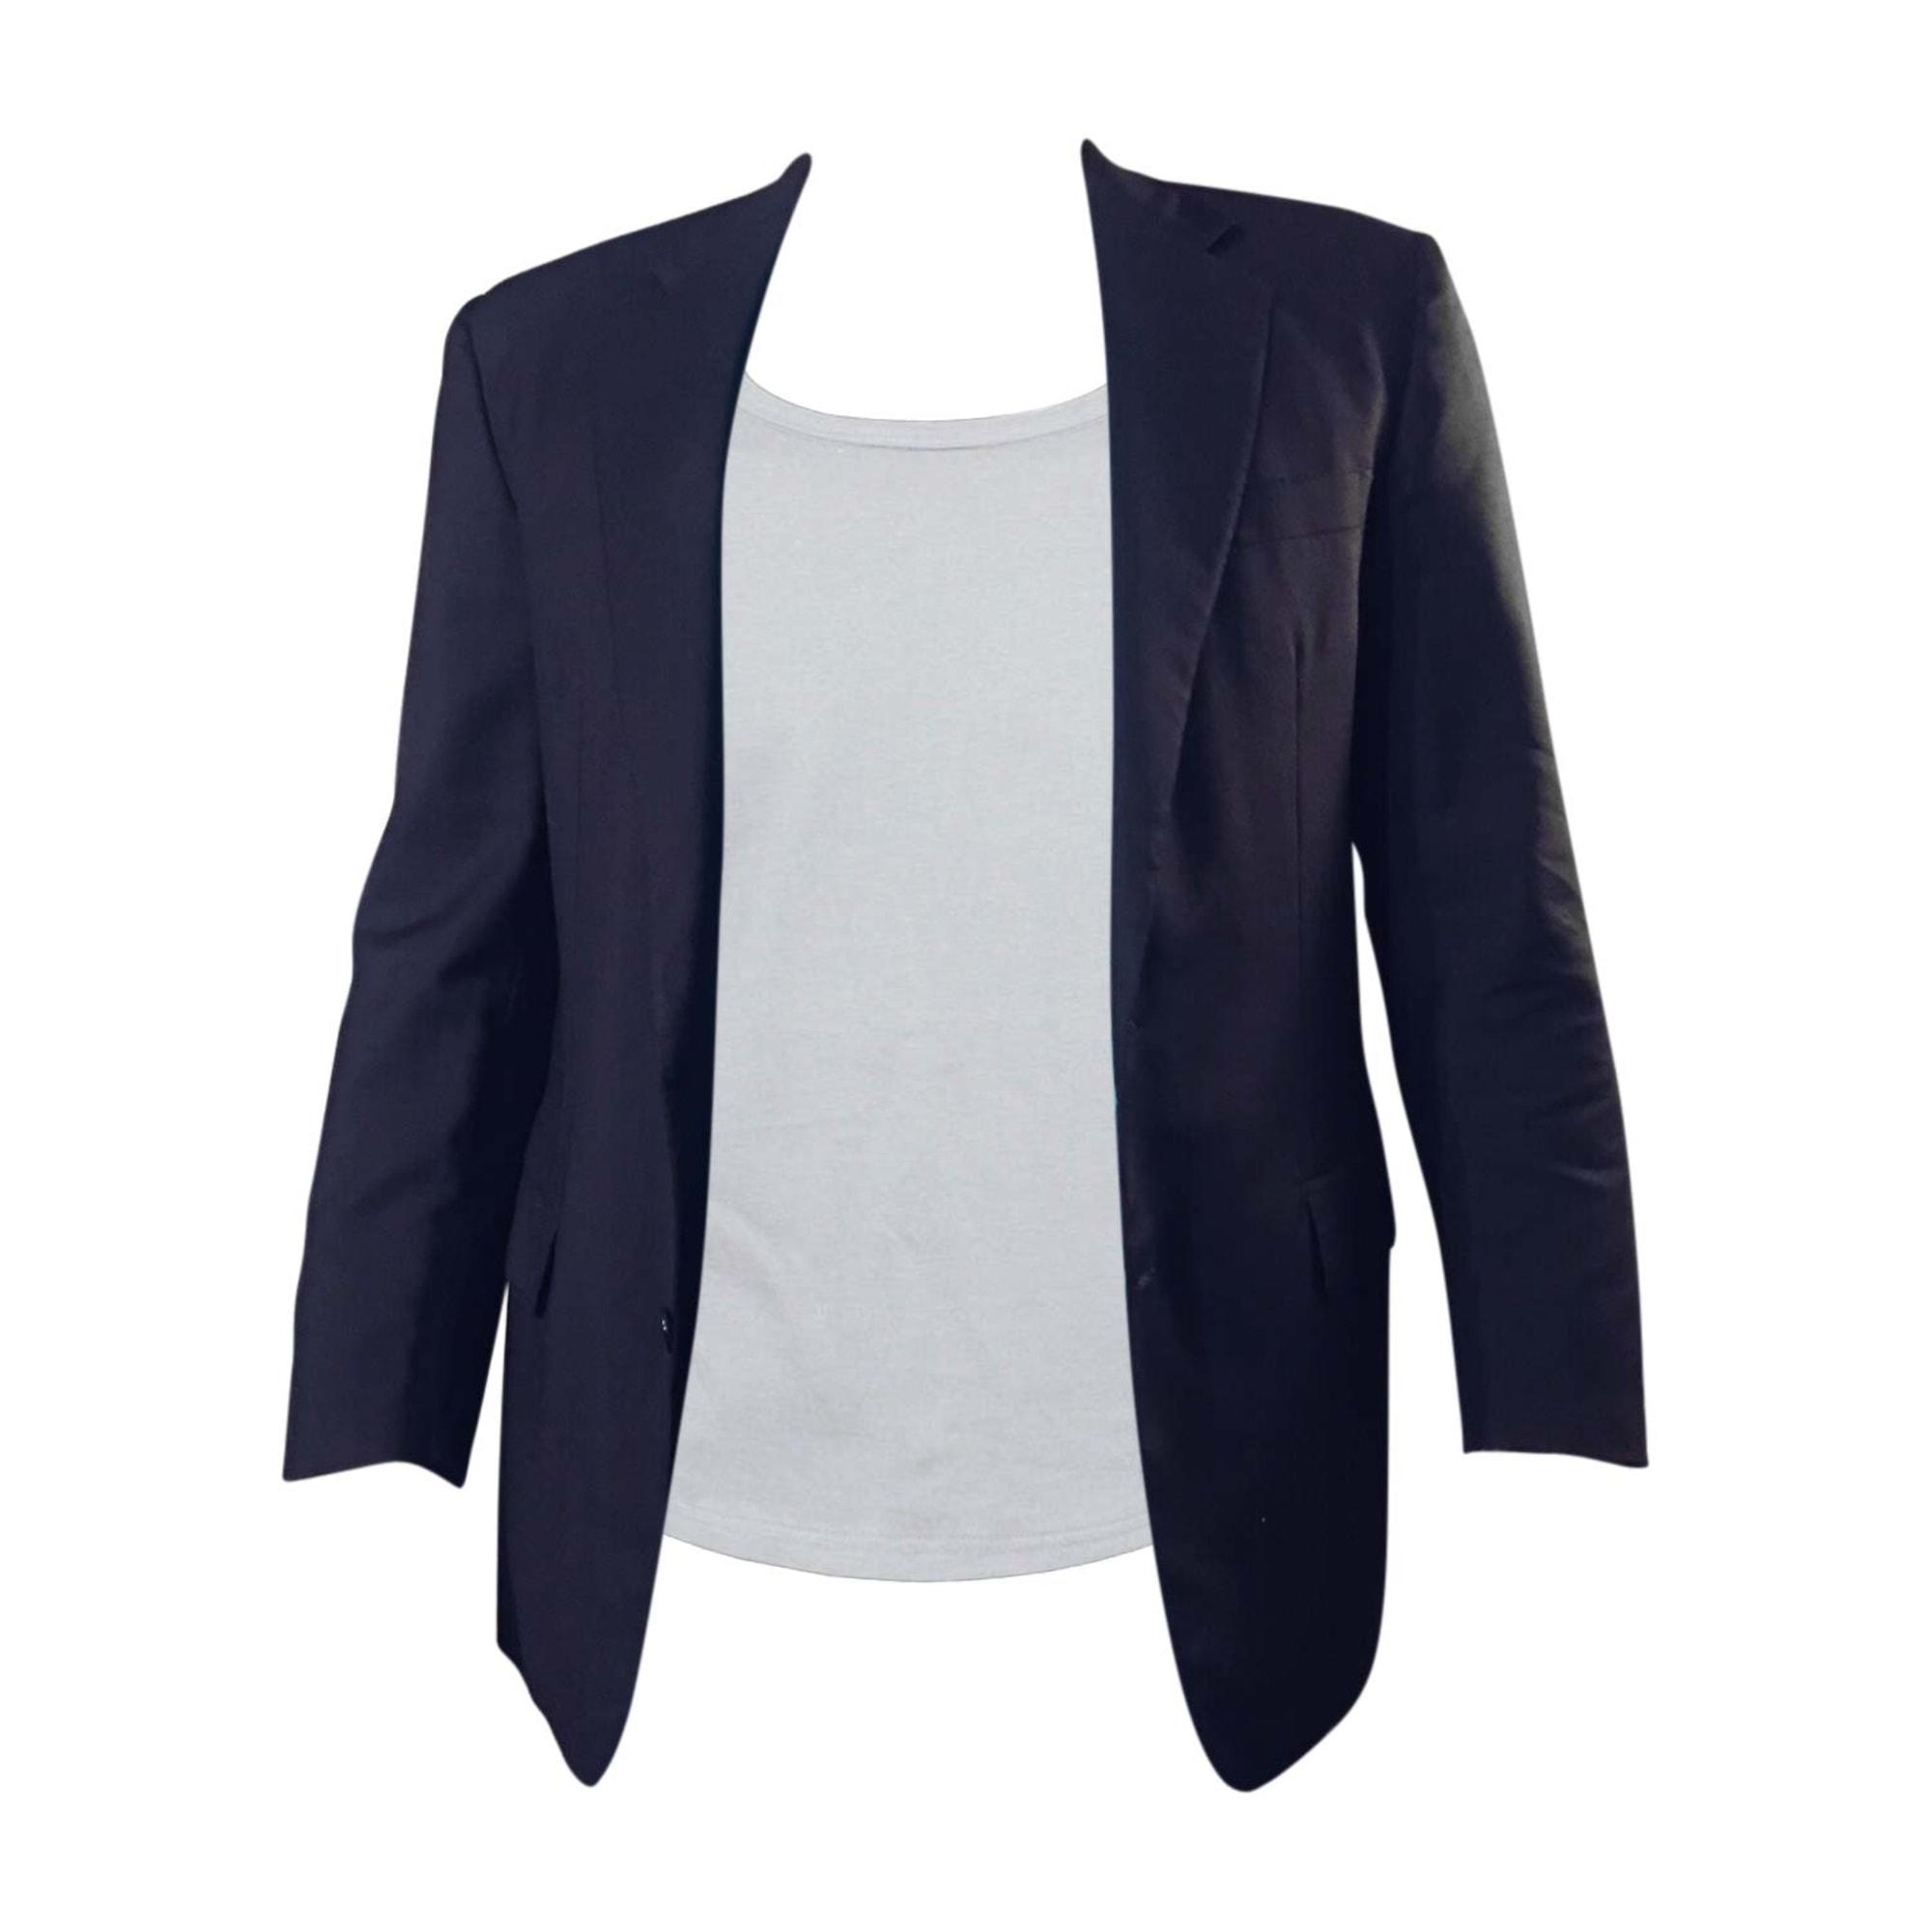 Veste SALVATORE FERRAGAMO Bleu, bleu marine, bleu turquoise